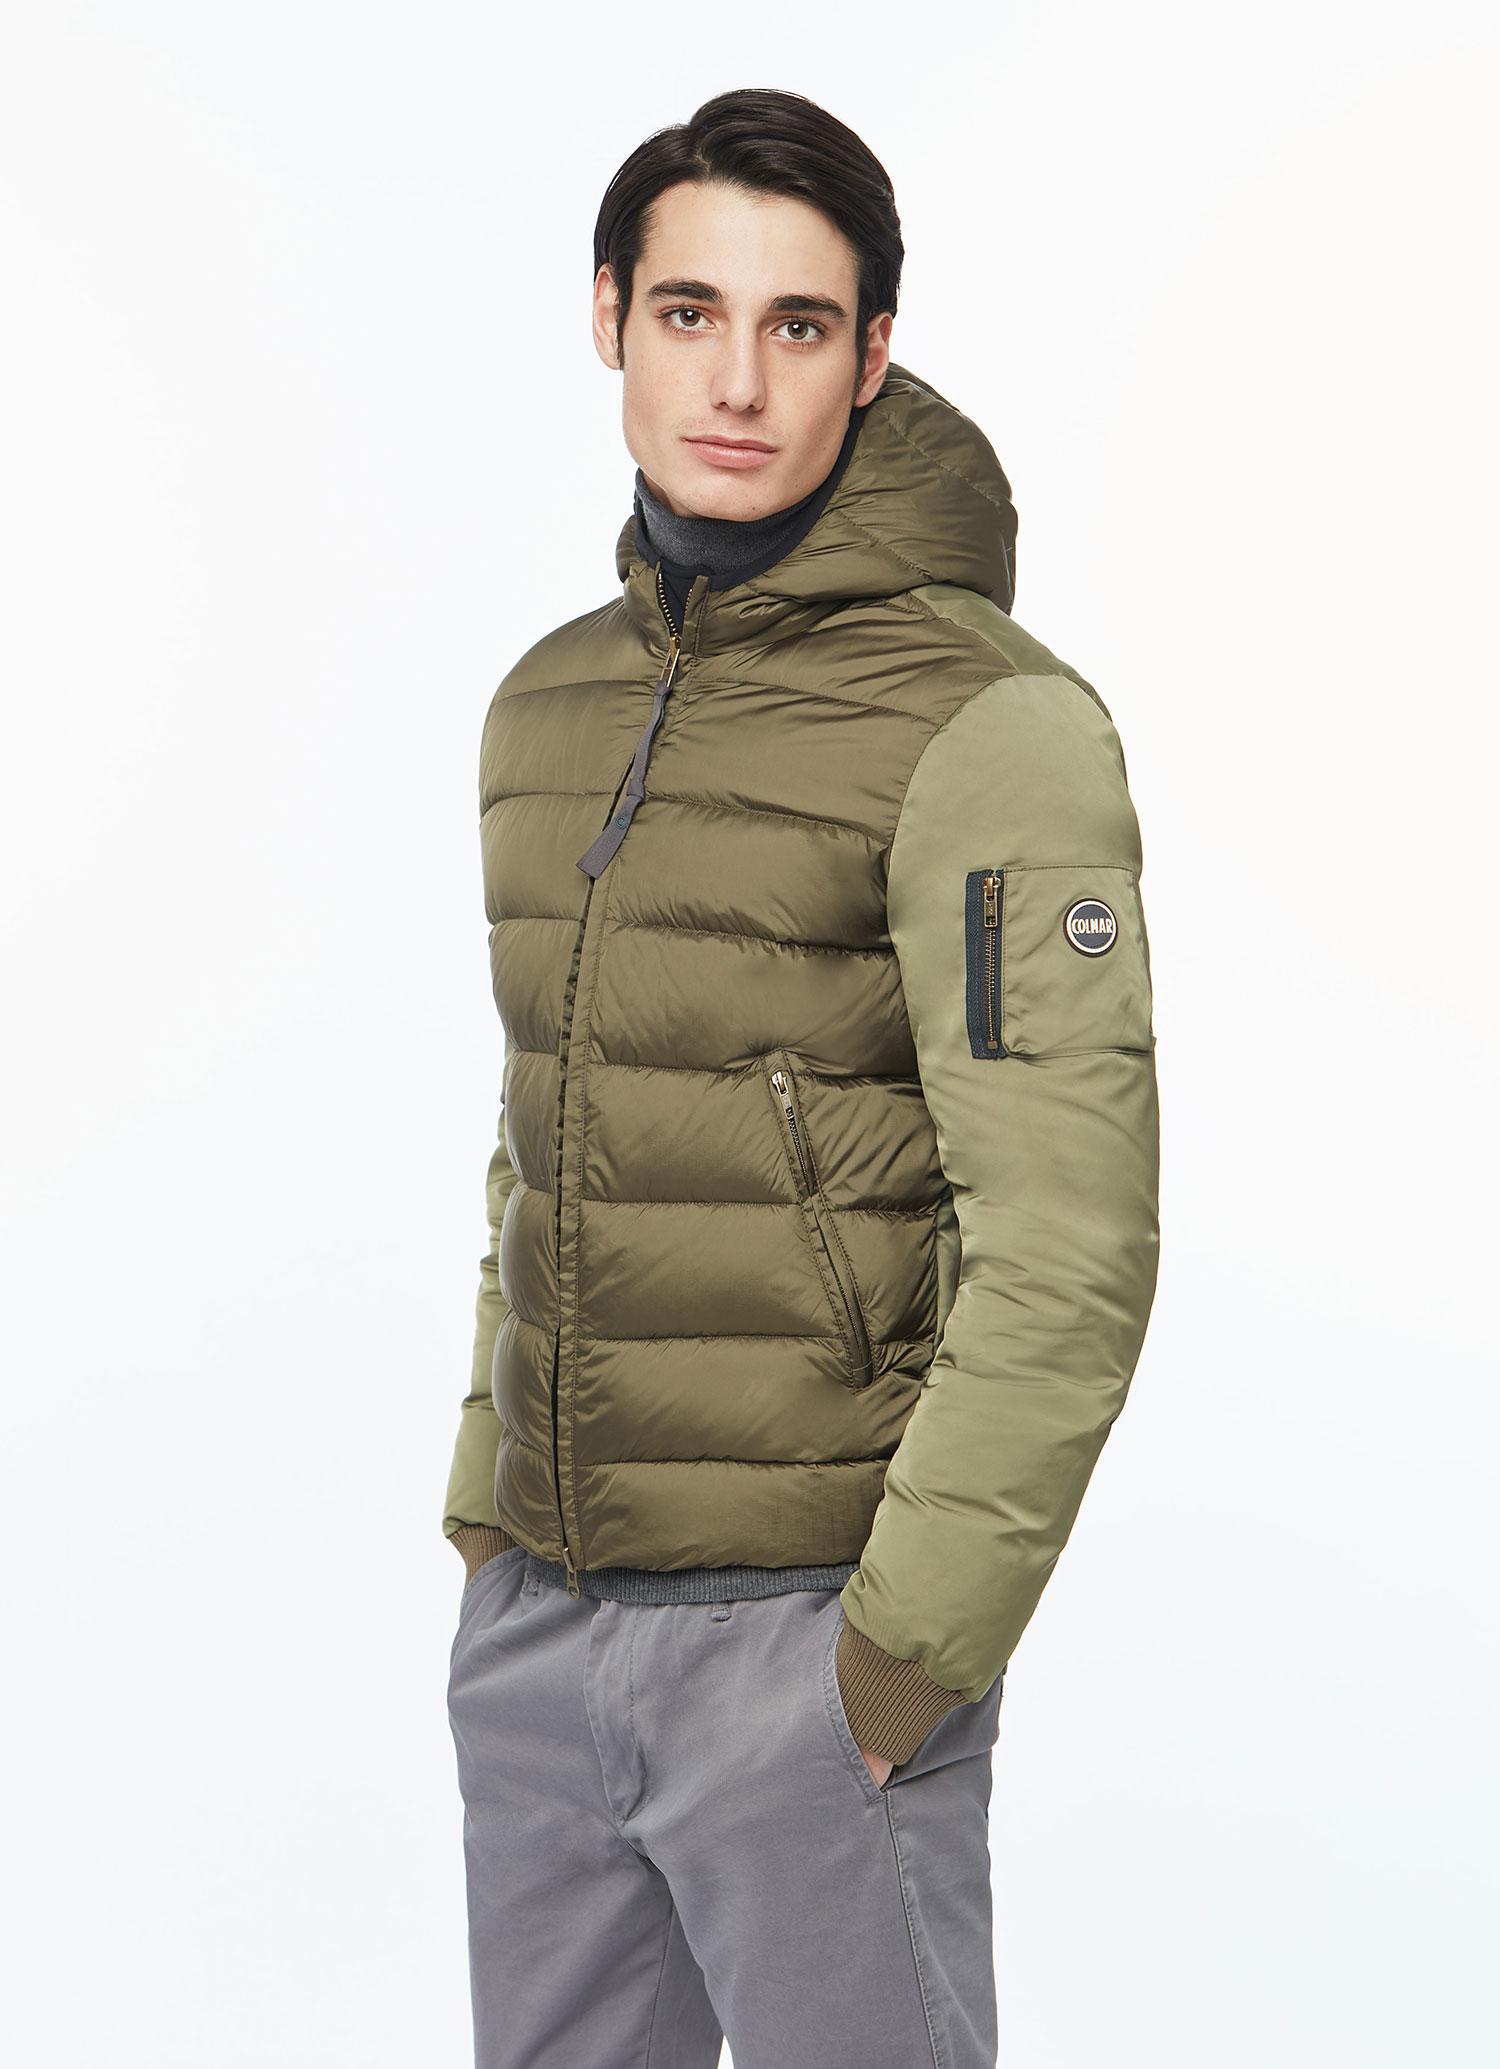 sale retailer adde7 535d2 Piumini Colmar Originals inverno 2017: avanguardia e ...